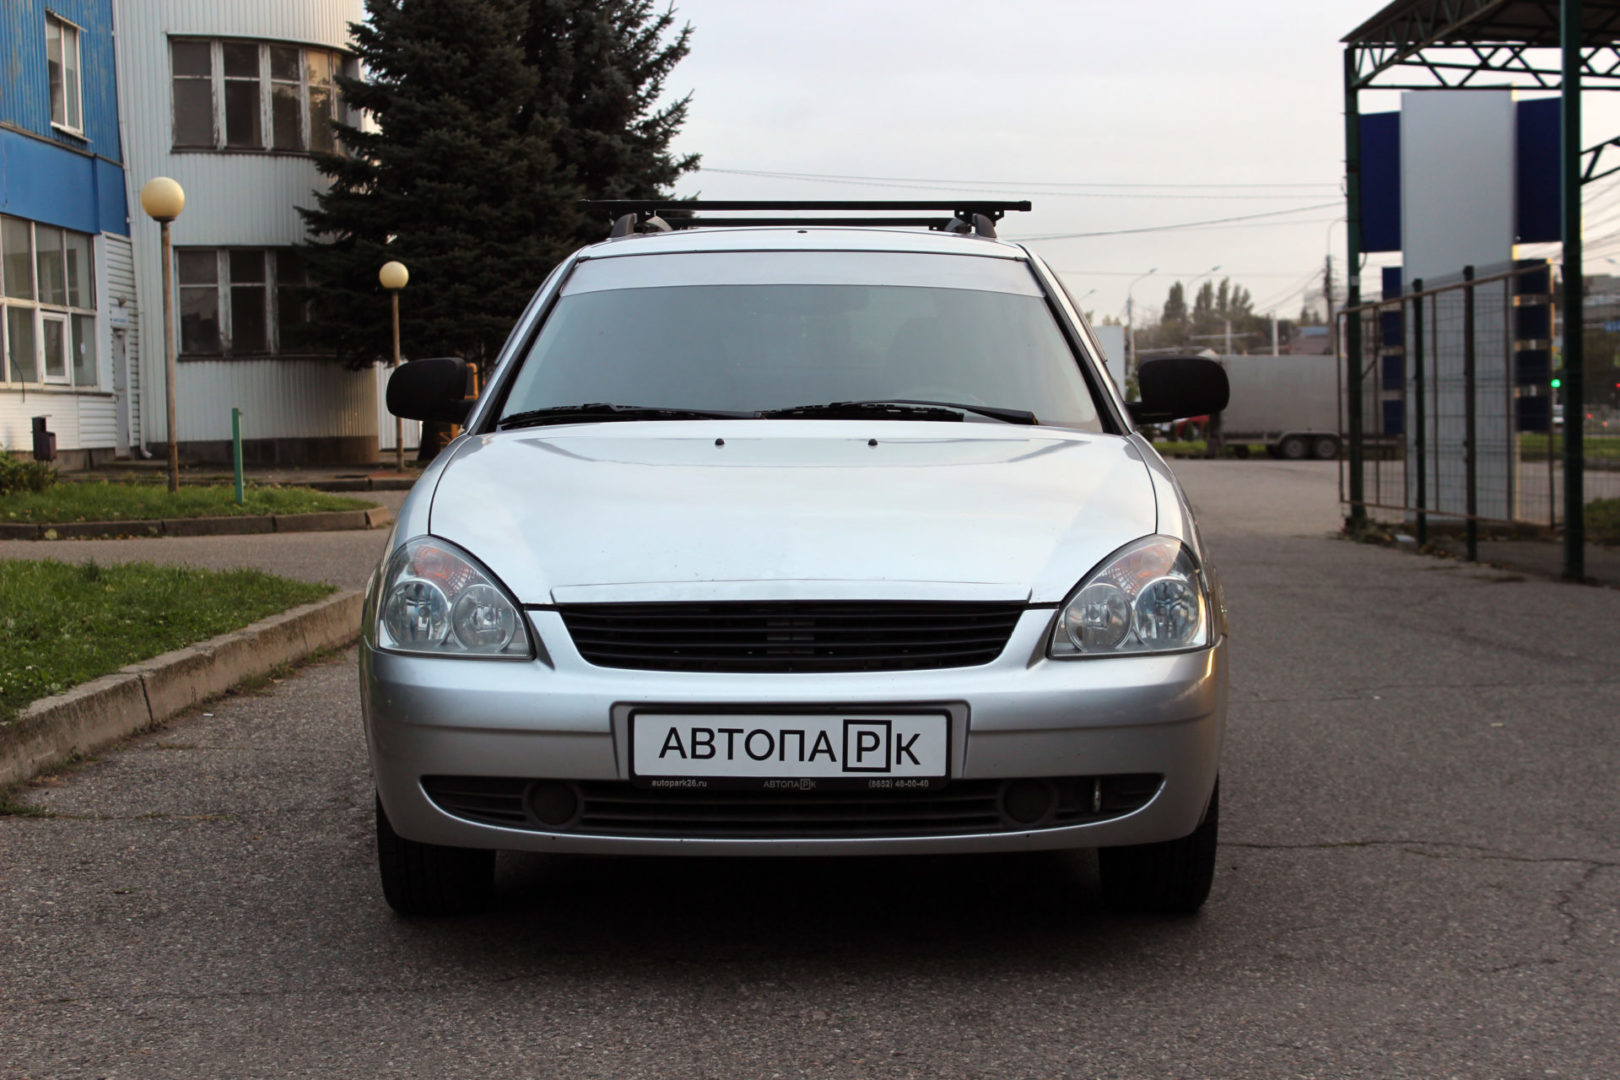 Купить LADA Priora (Светло-серебристый металлик) - Автопарк Ставрополь